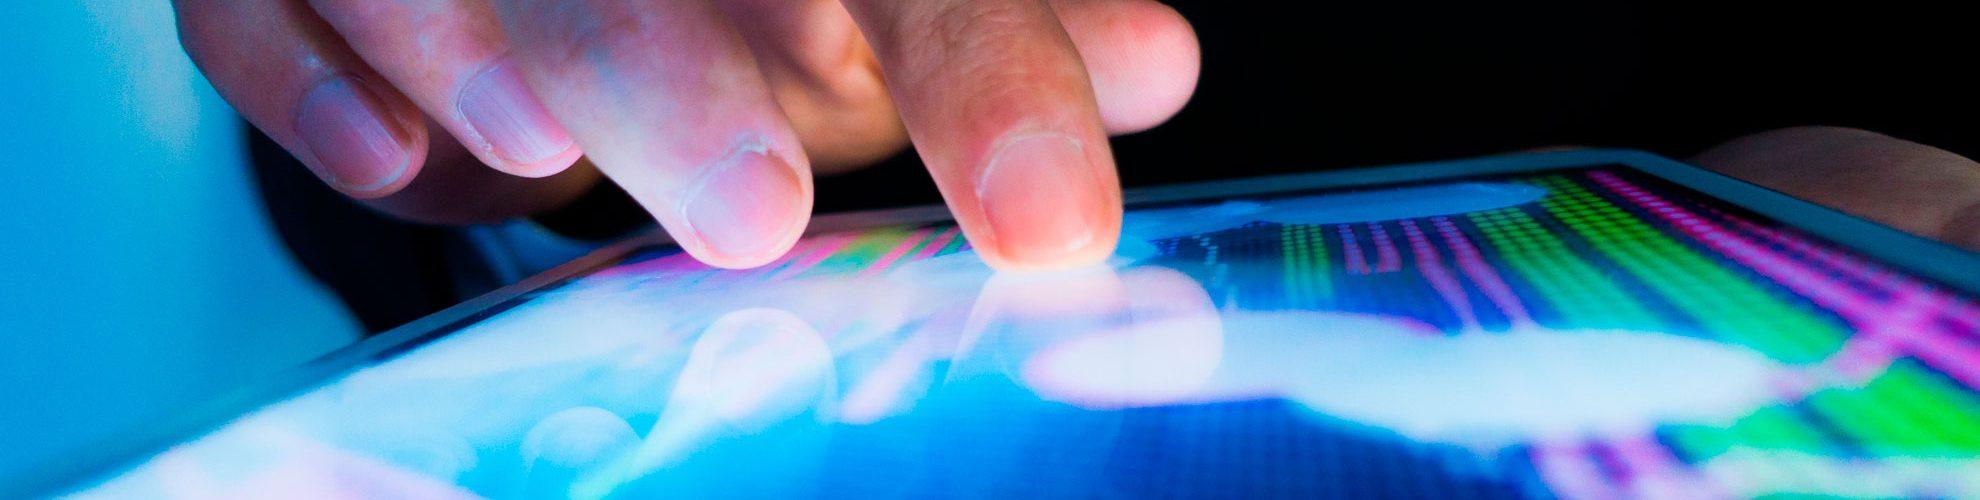 Le innovative soluzioni digitali per gestire normative e adempimenti in modo più veloce e preciso